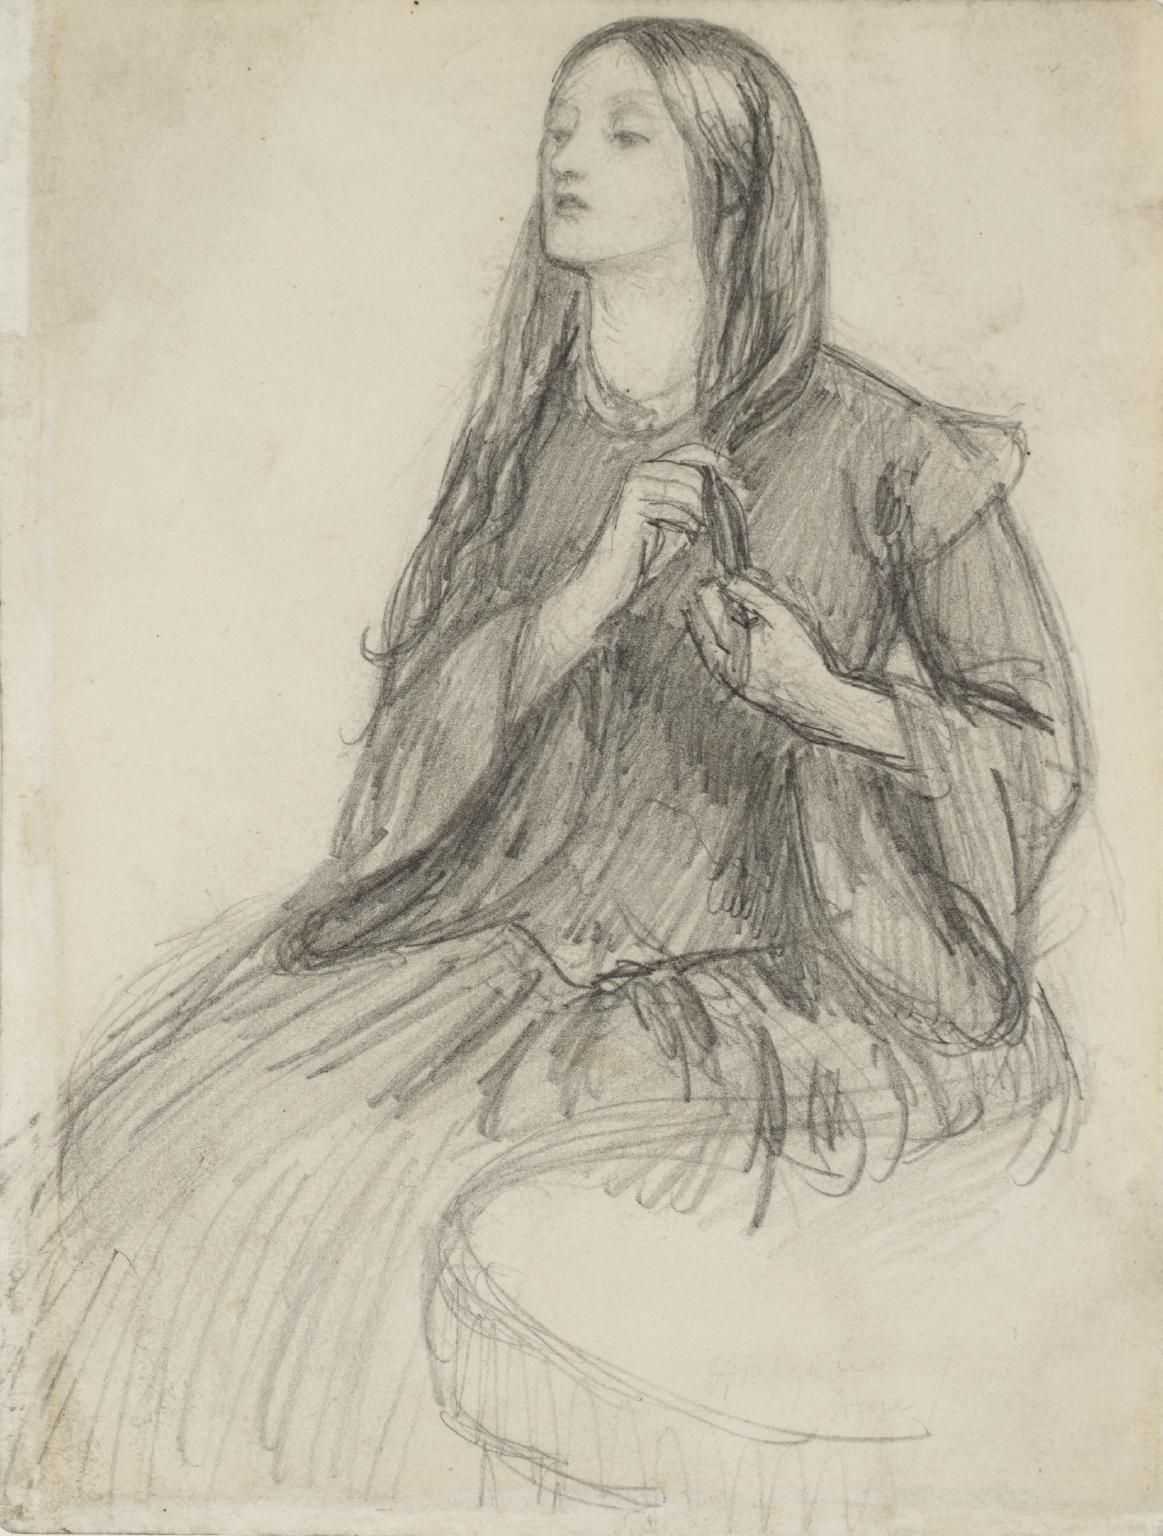 Dante Gabriel Rossetti, Elizabeth Siddal si fa la treccia (1855 circa; grafite su carta, 17,1 x 12,7 cm; Londra, Tate Britain)